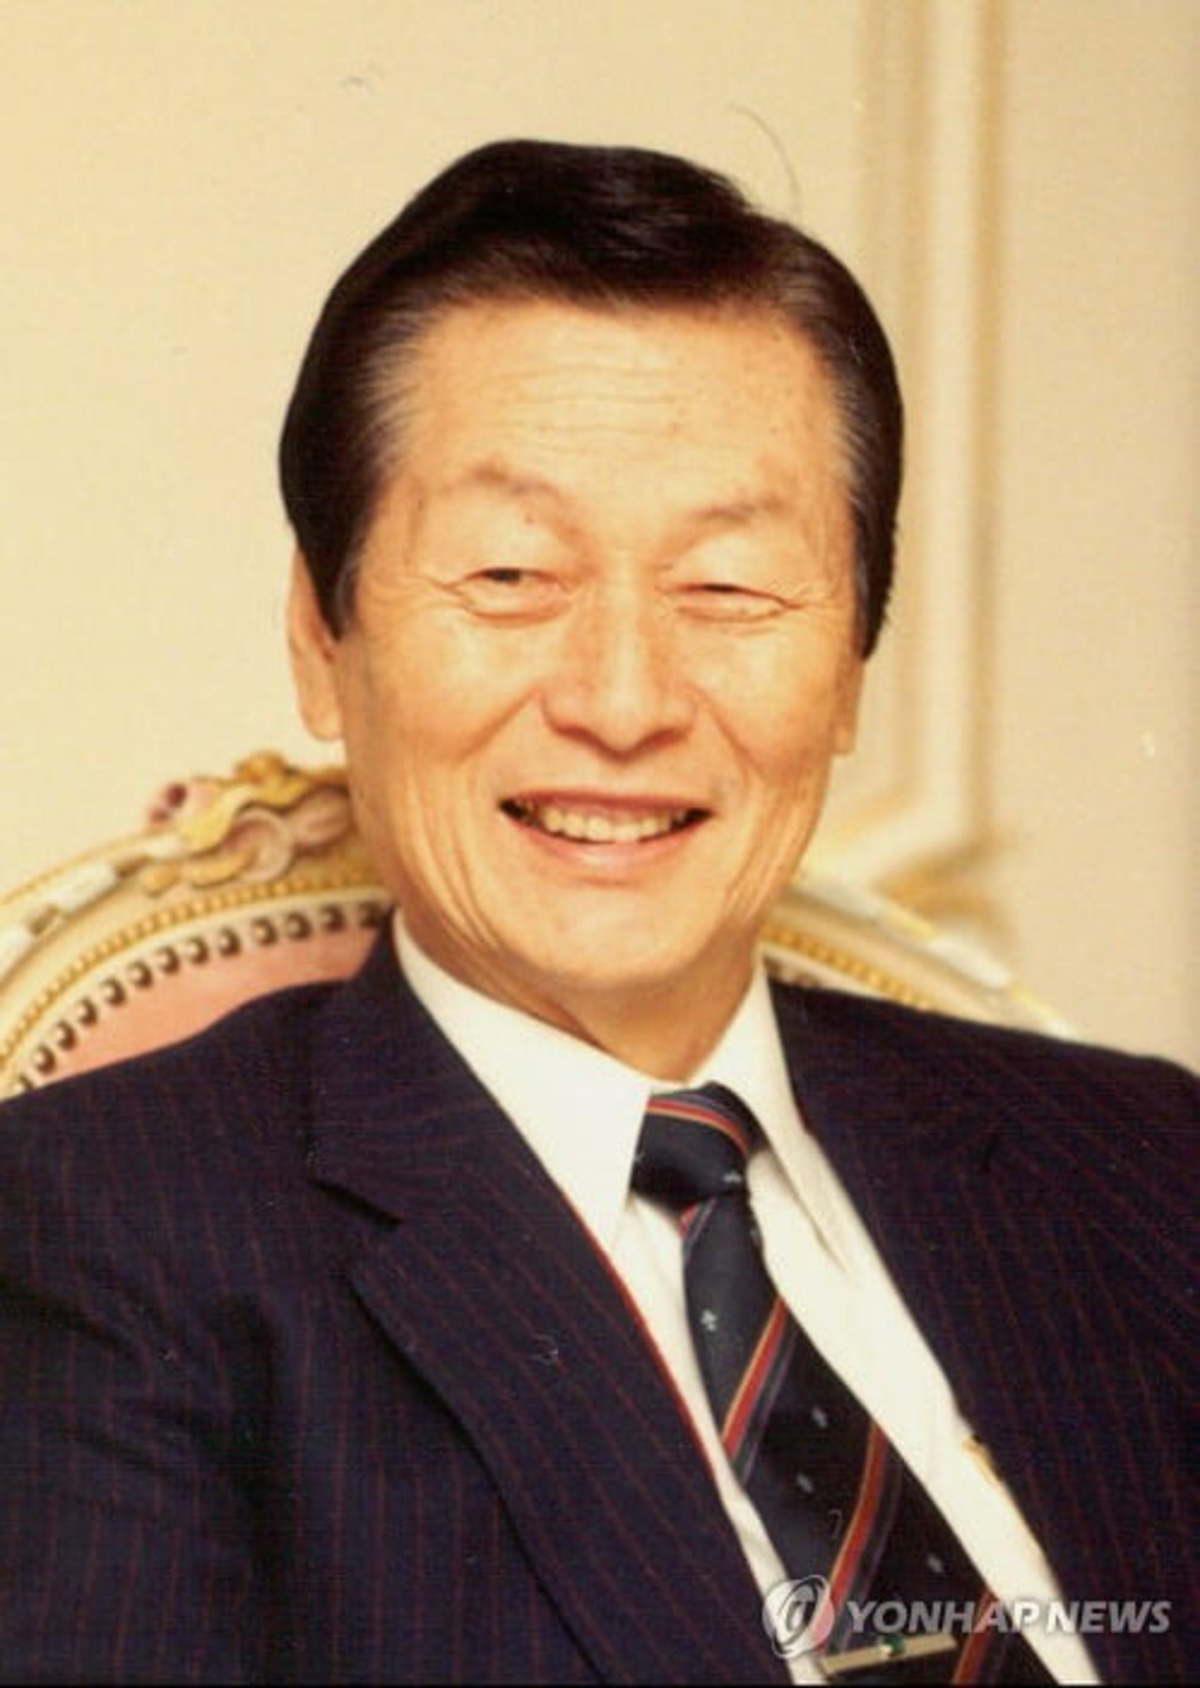 Nhà sáng lập Lotte: Từ chàng trai nghèo mê văn chương đến ông hoàng tập đoàn hàng đầu Hàn Quốc - Ảnh 2.